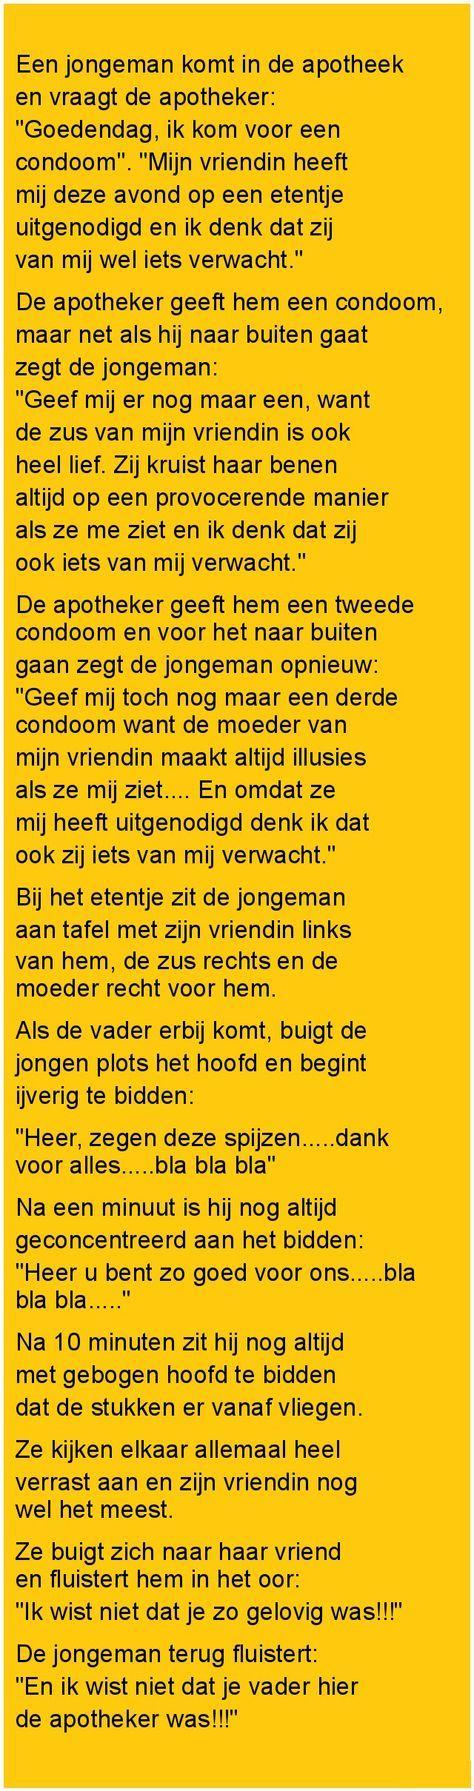 Een jongeman komt.. - Zieer.nl